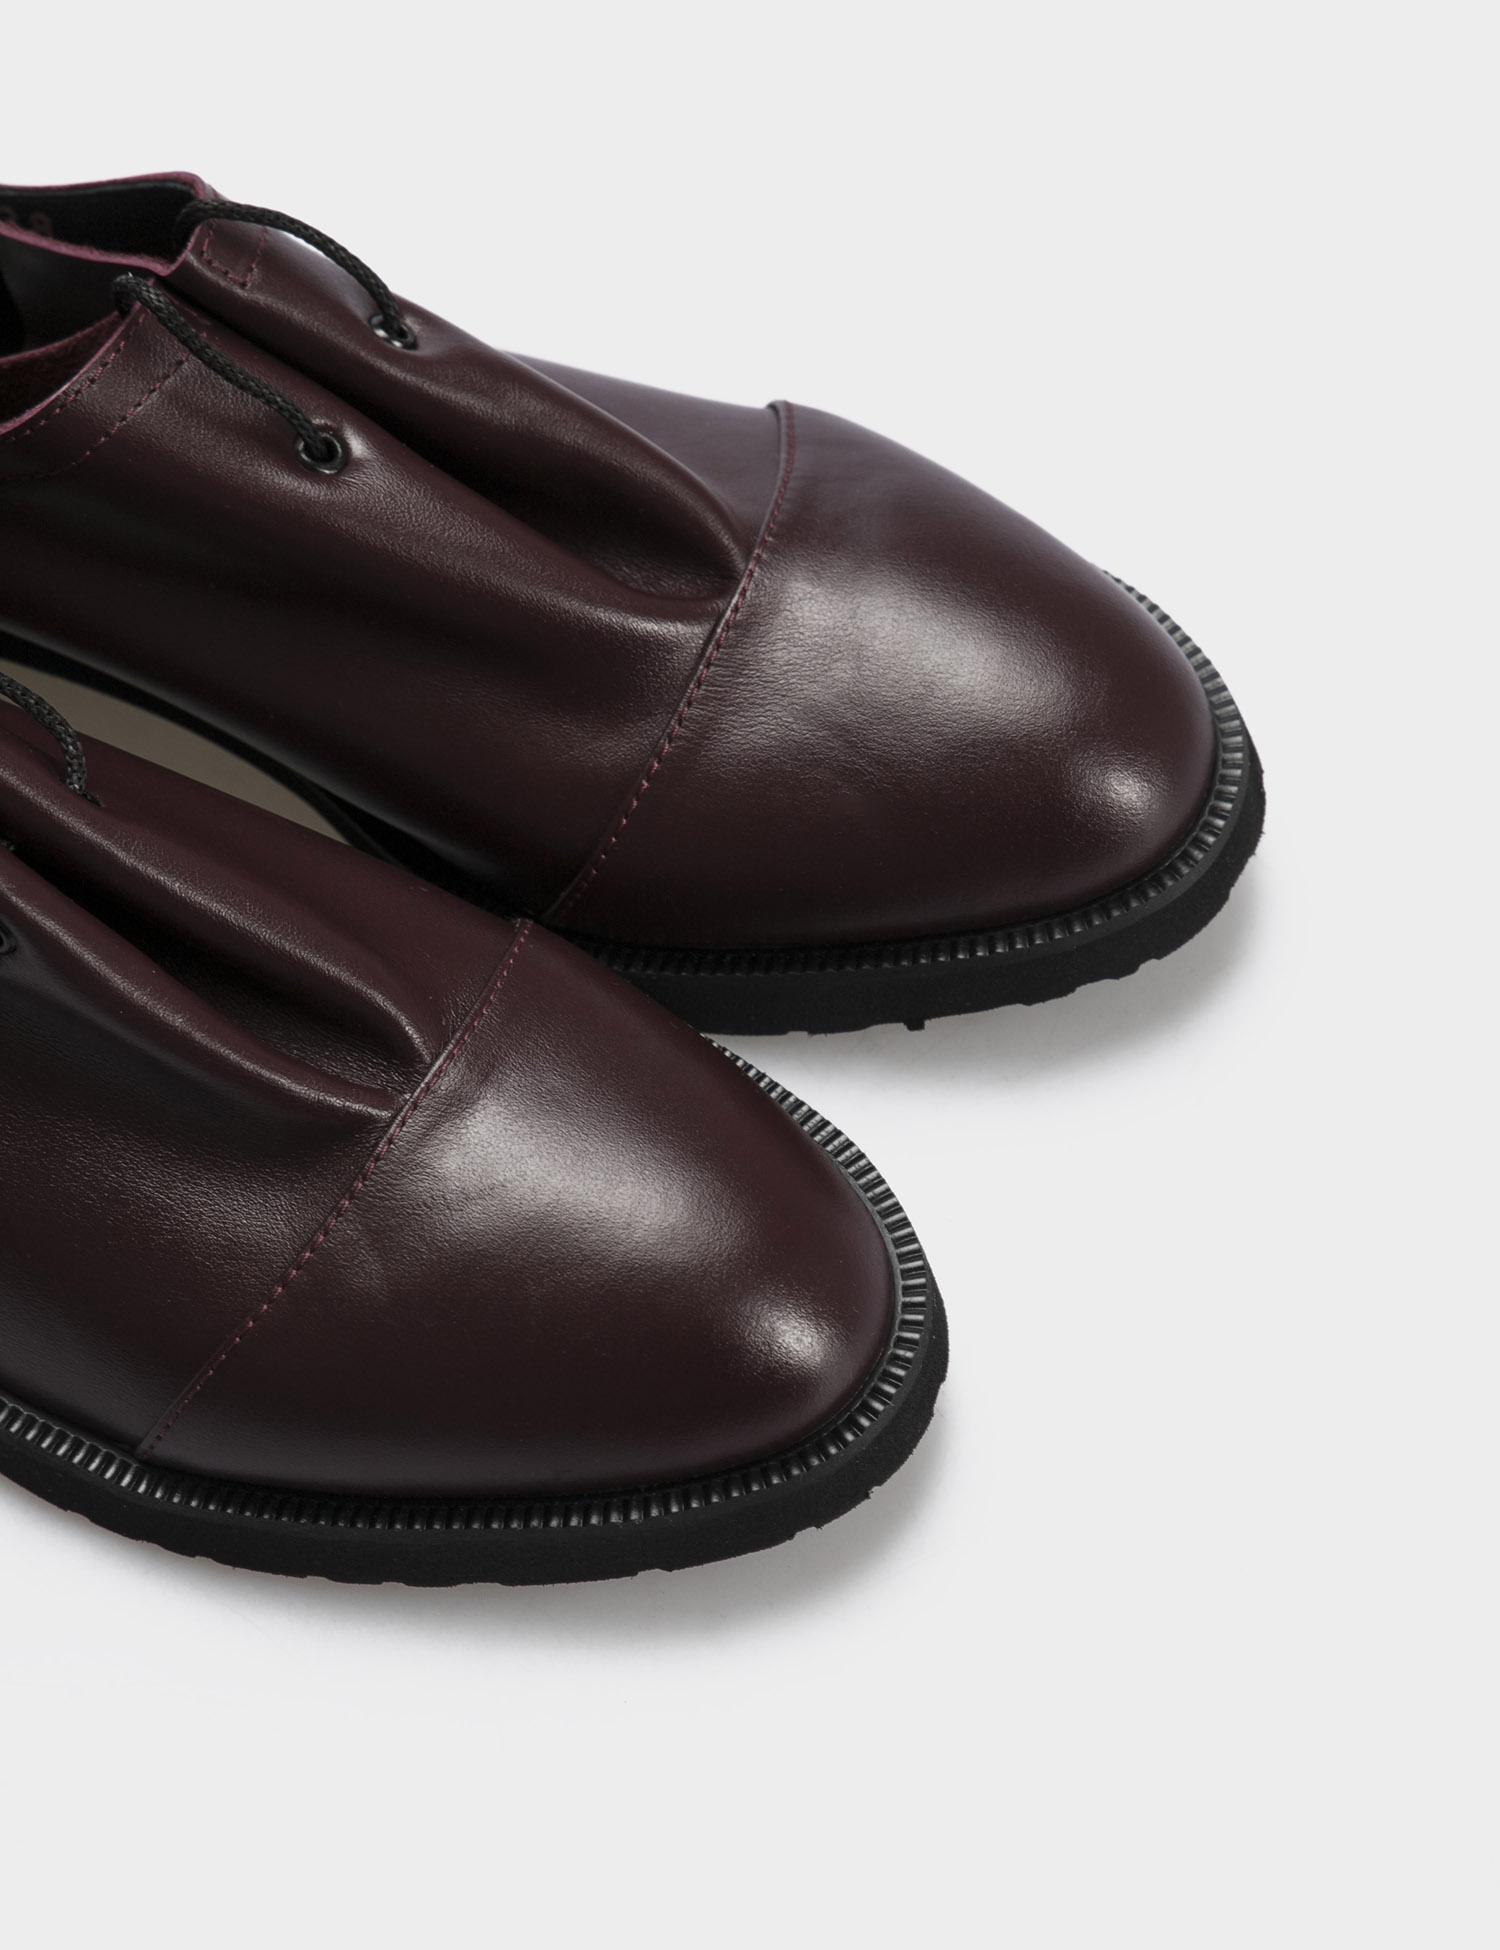 Туфлі  жіночі Туфли 1401bordo бордовая кожа 1401bordo фото, купити, 2017